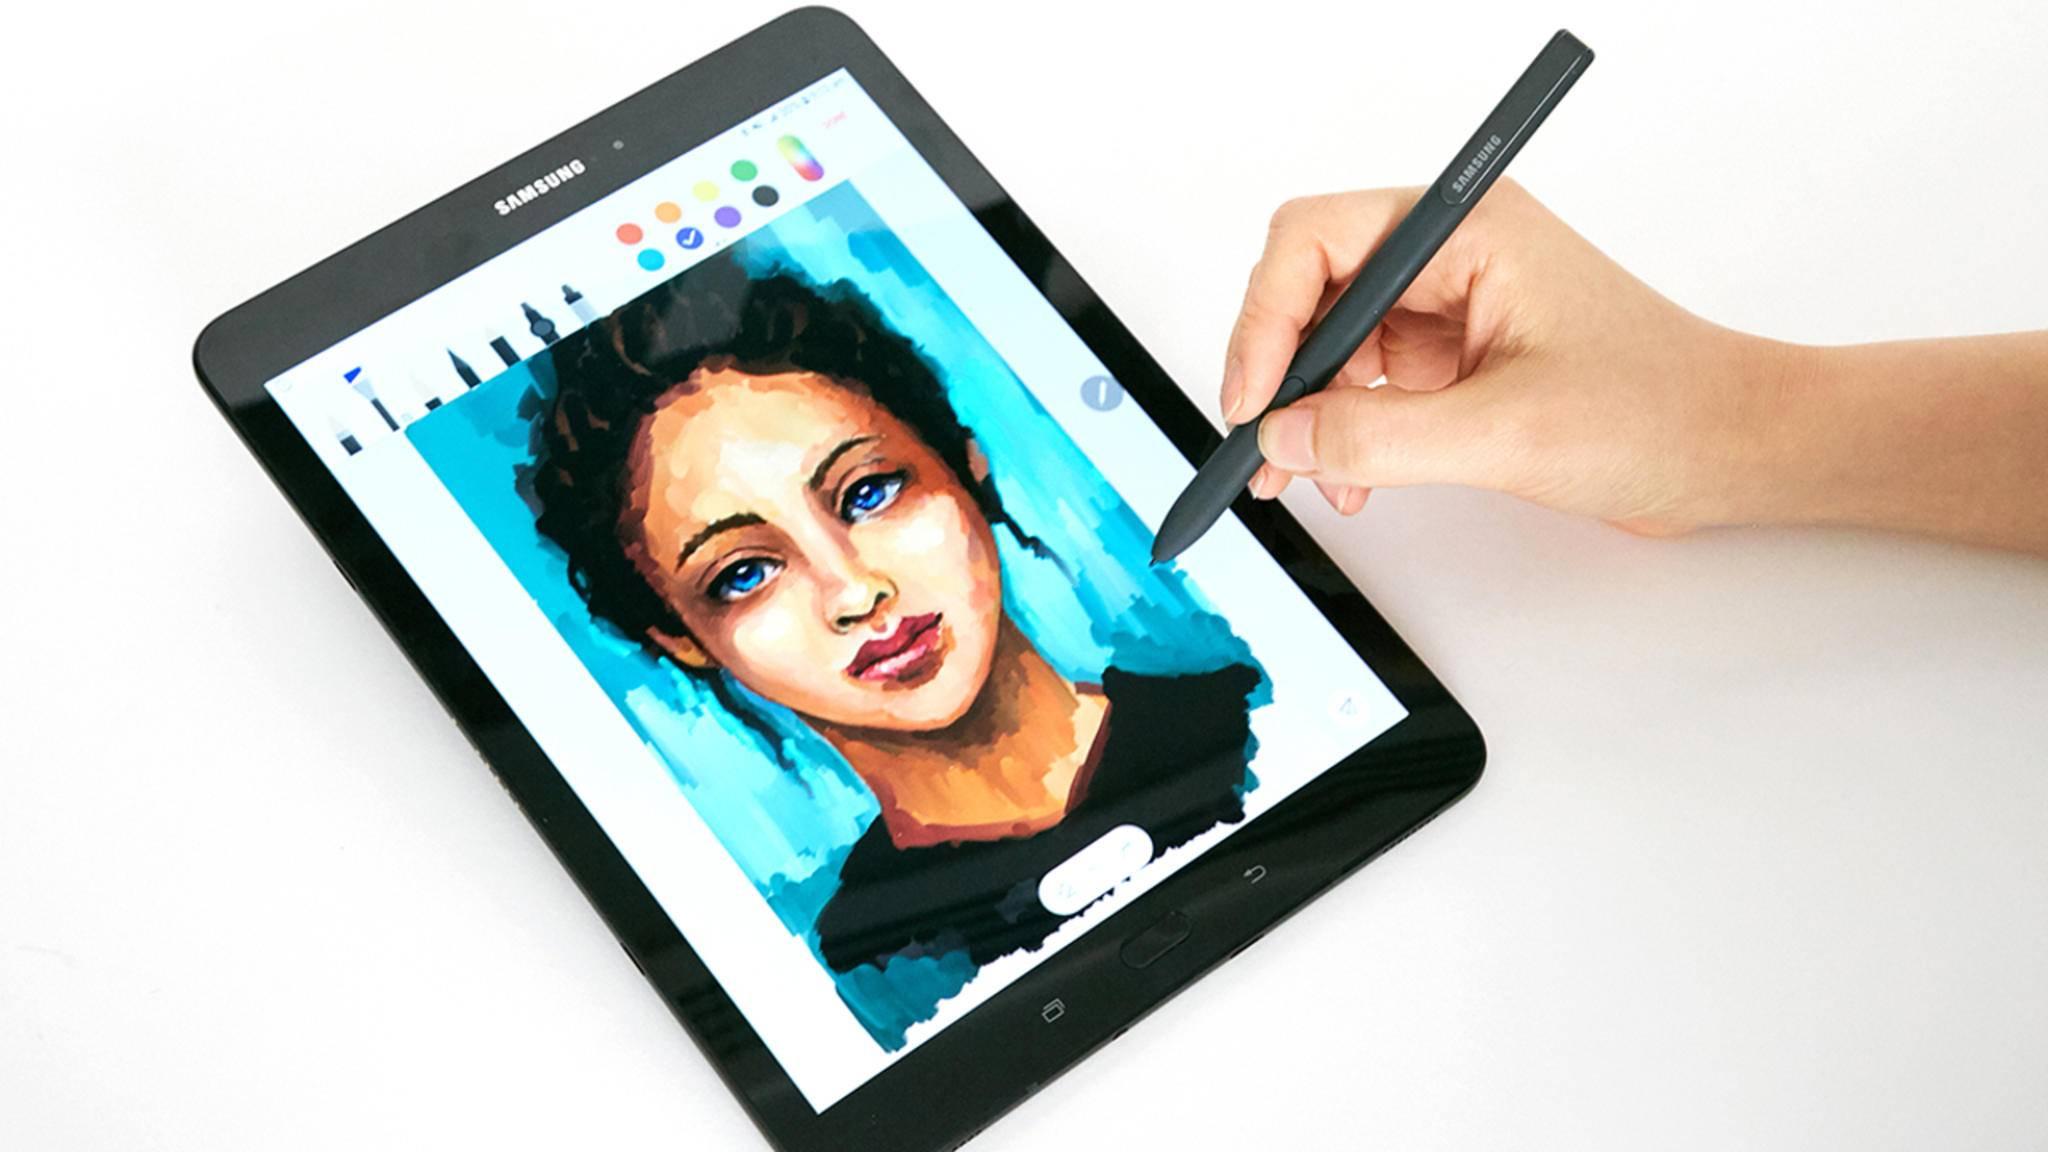 Der Nachfolger des Galaxy Tab S3 könnte mit ähnlichen Features punkten.